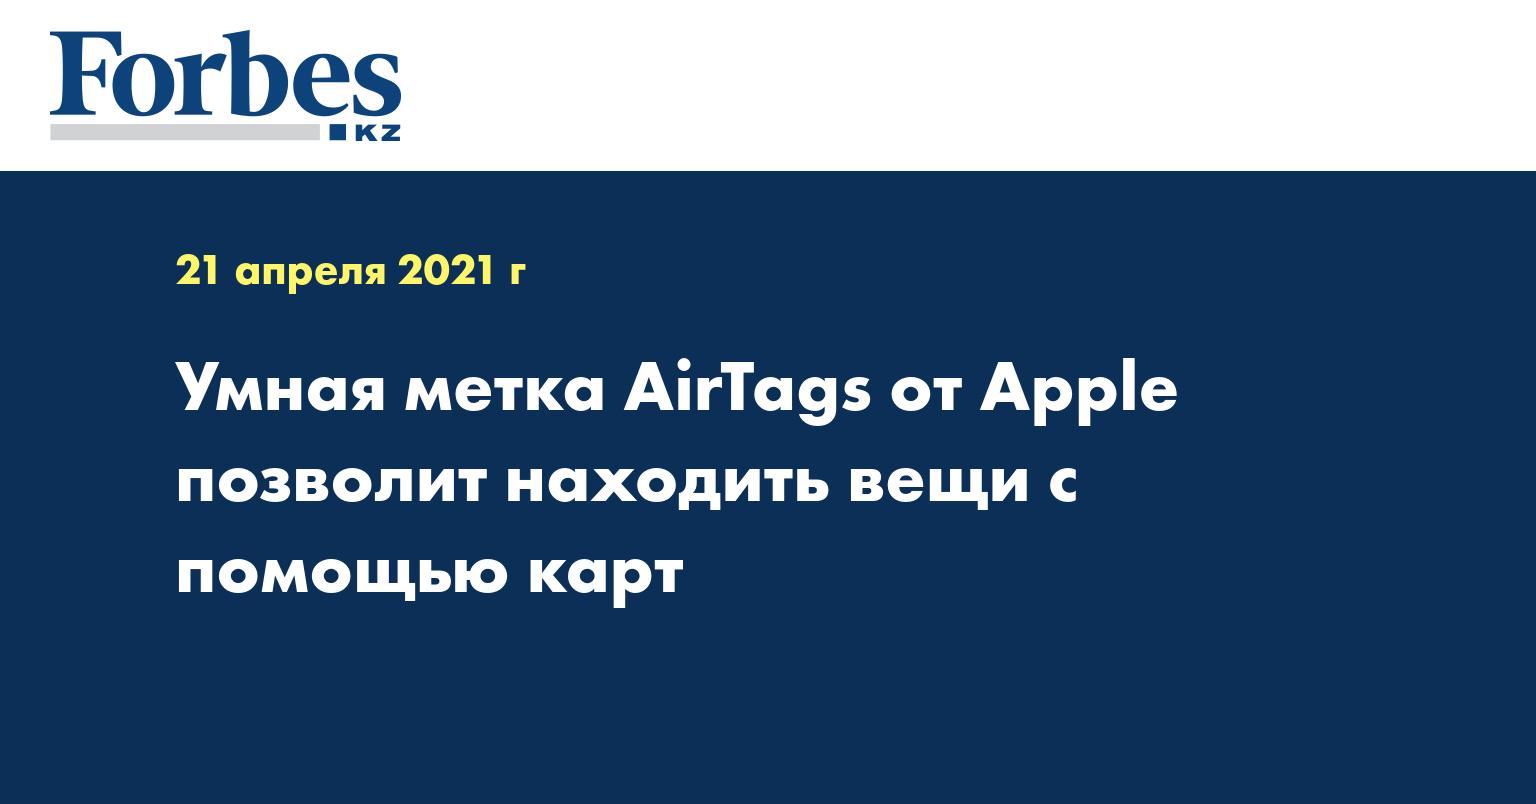 Умная метка AirTags от Apple позволит находить вещи с помощью карт